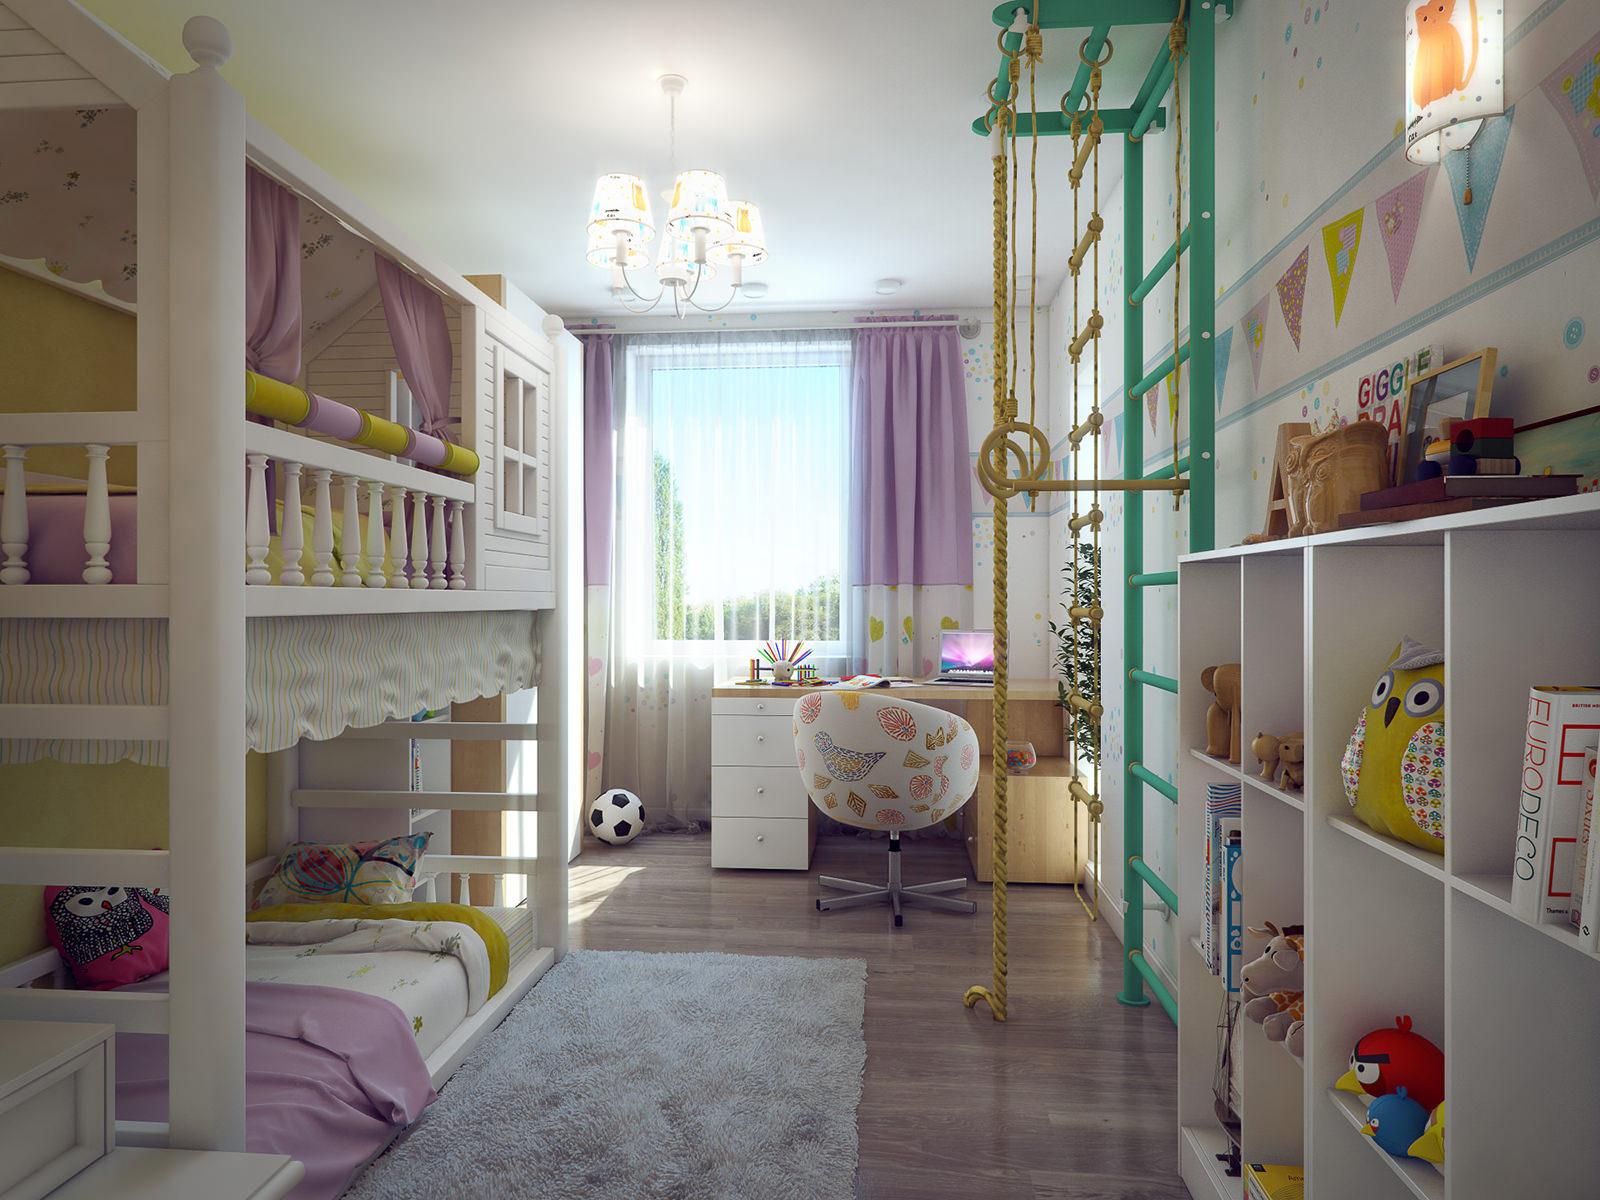 Игры составления интерьера в комнате